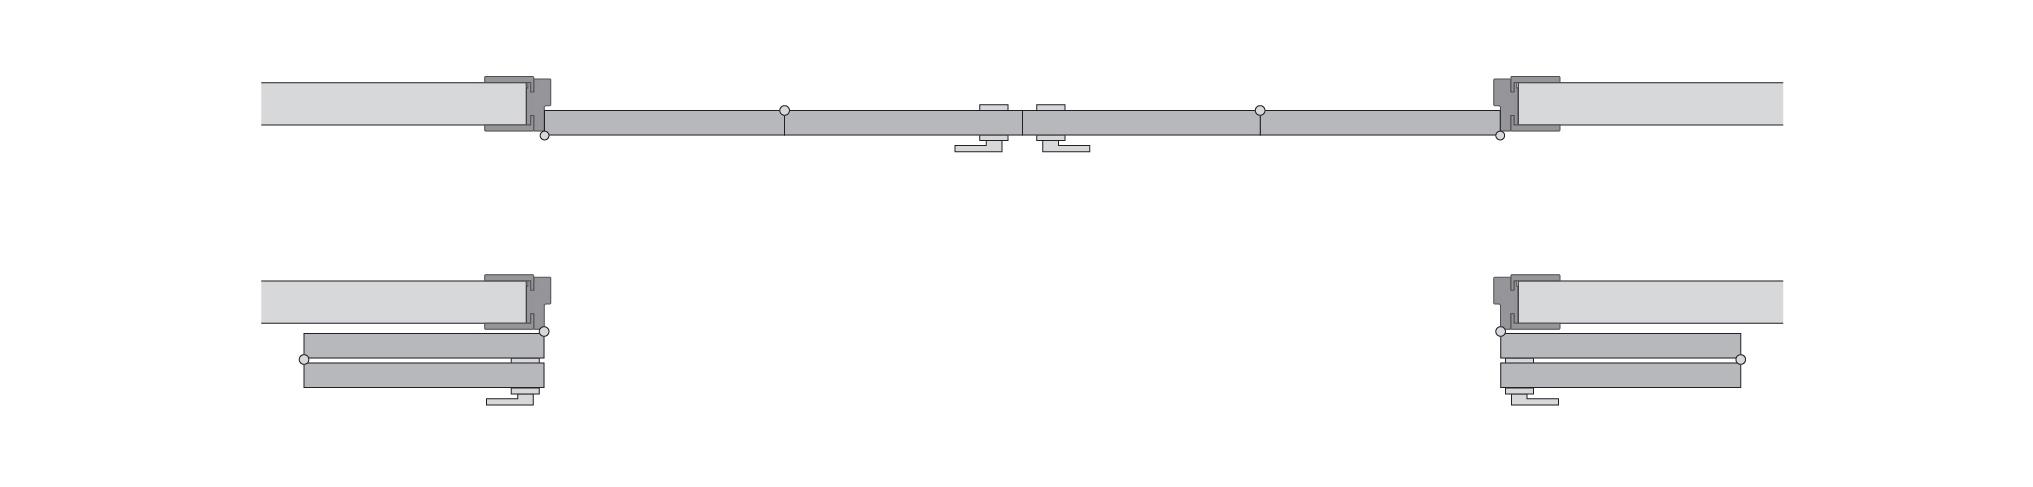 Двухстворчатая cистема Compack схема